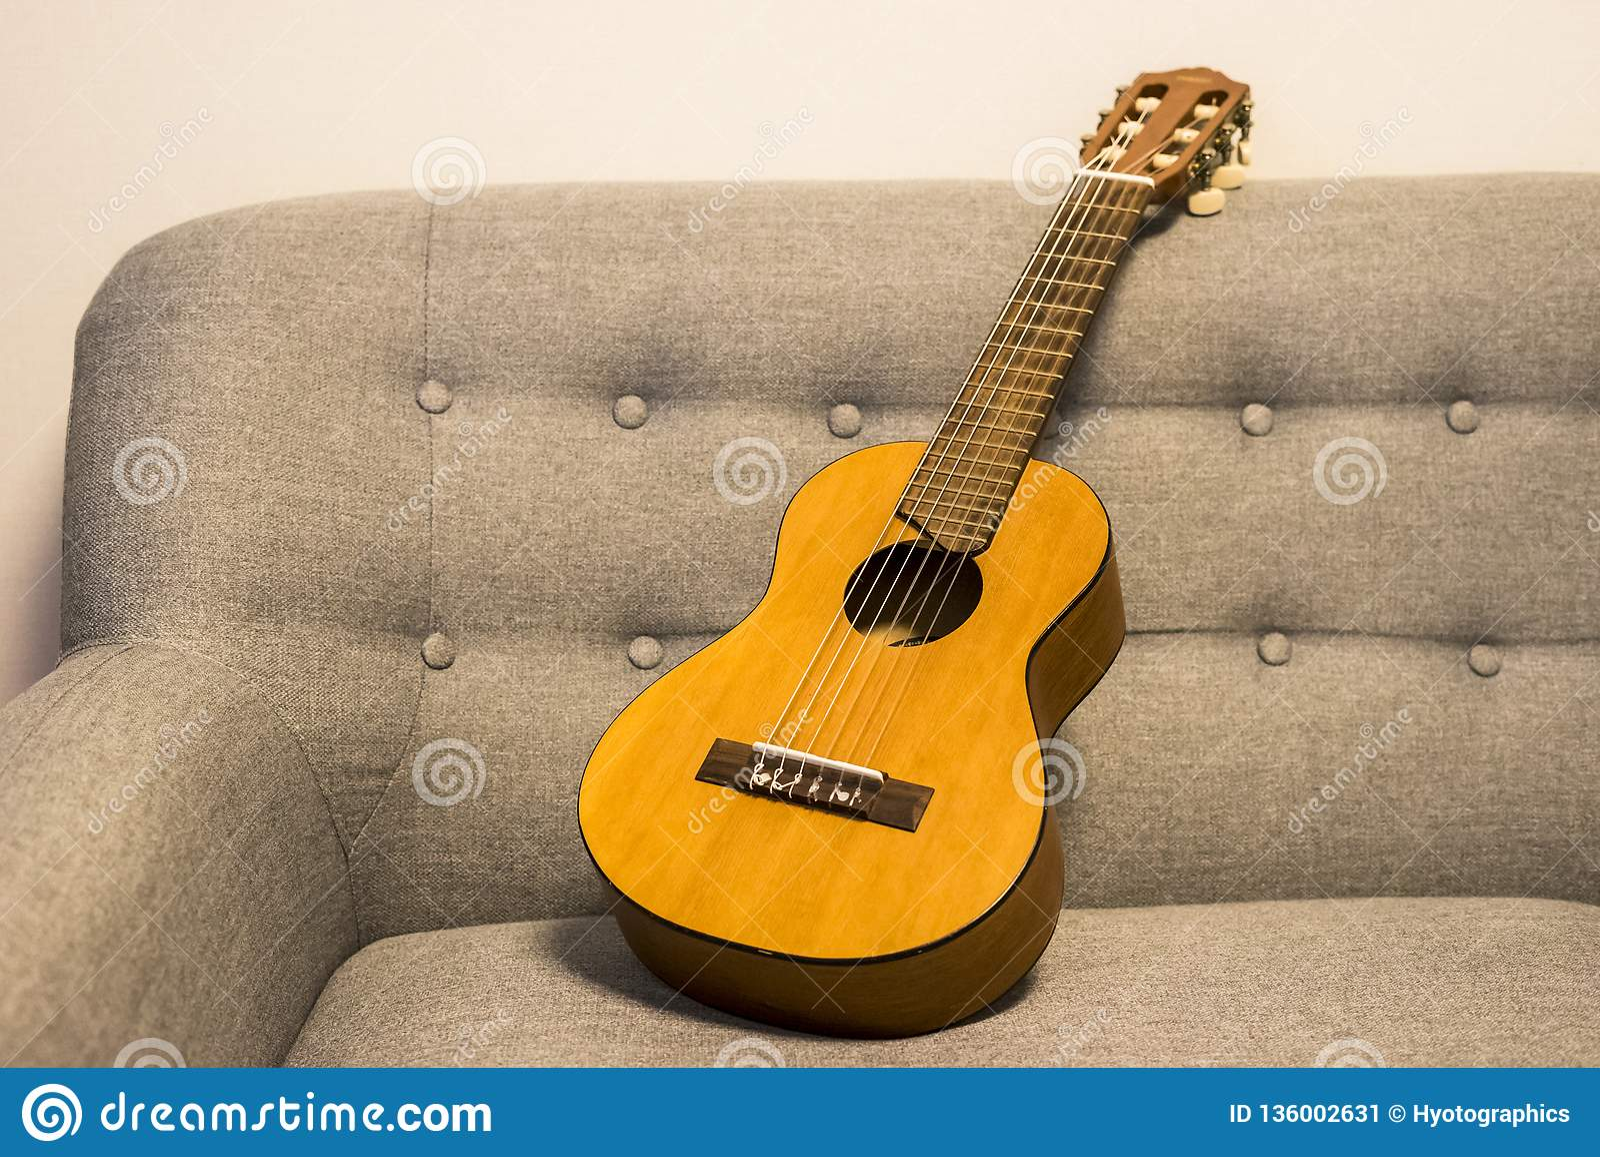 Guitarlele sul sofà